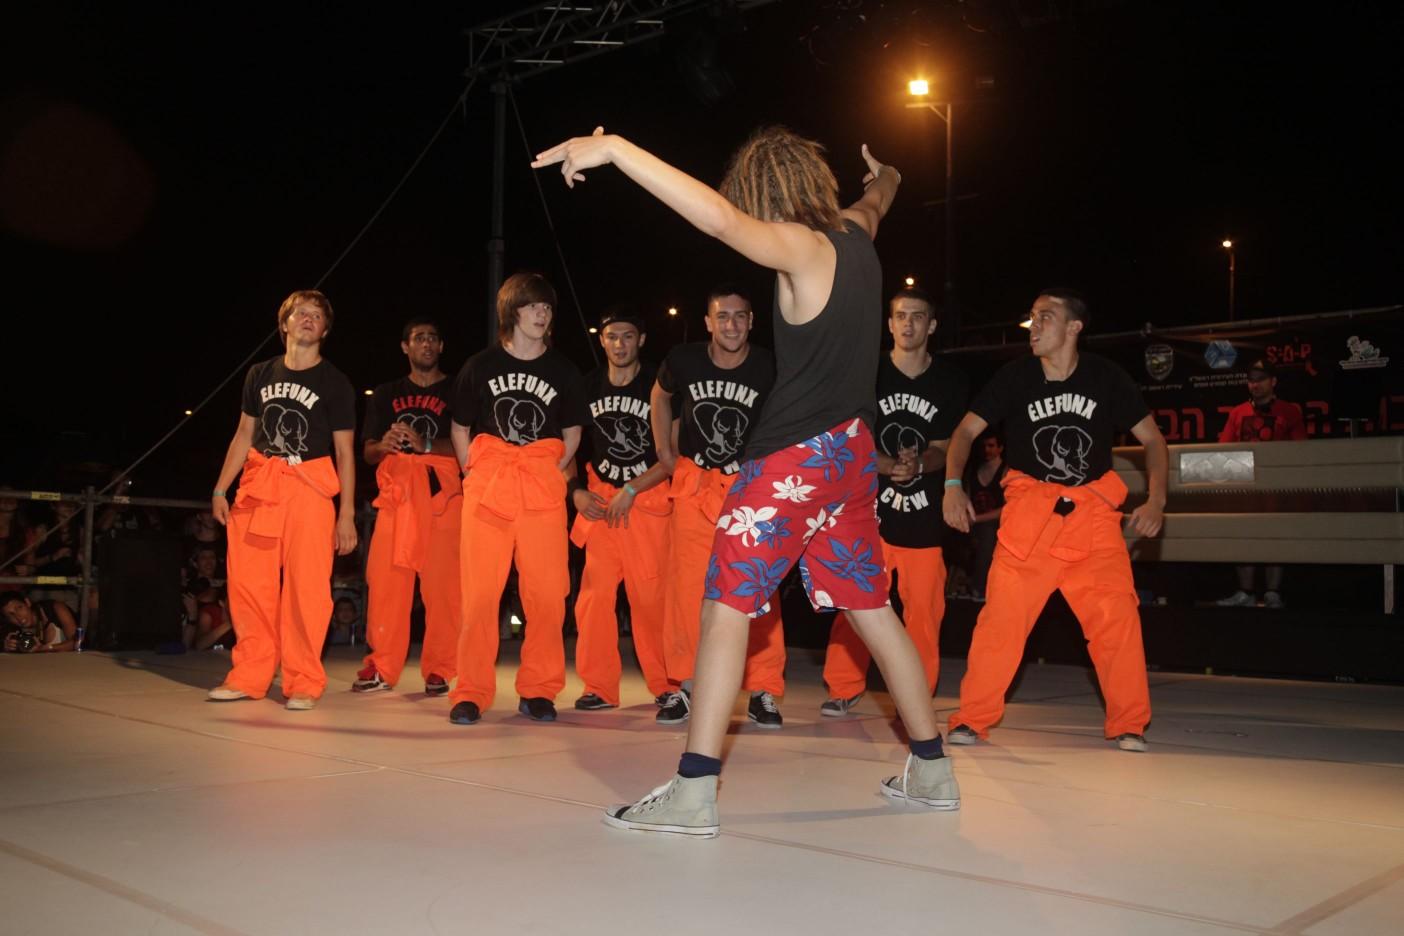 BOTY 2010 Elefunx Crew (54)